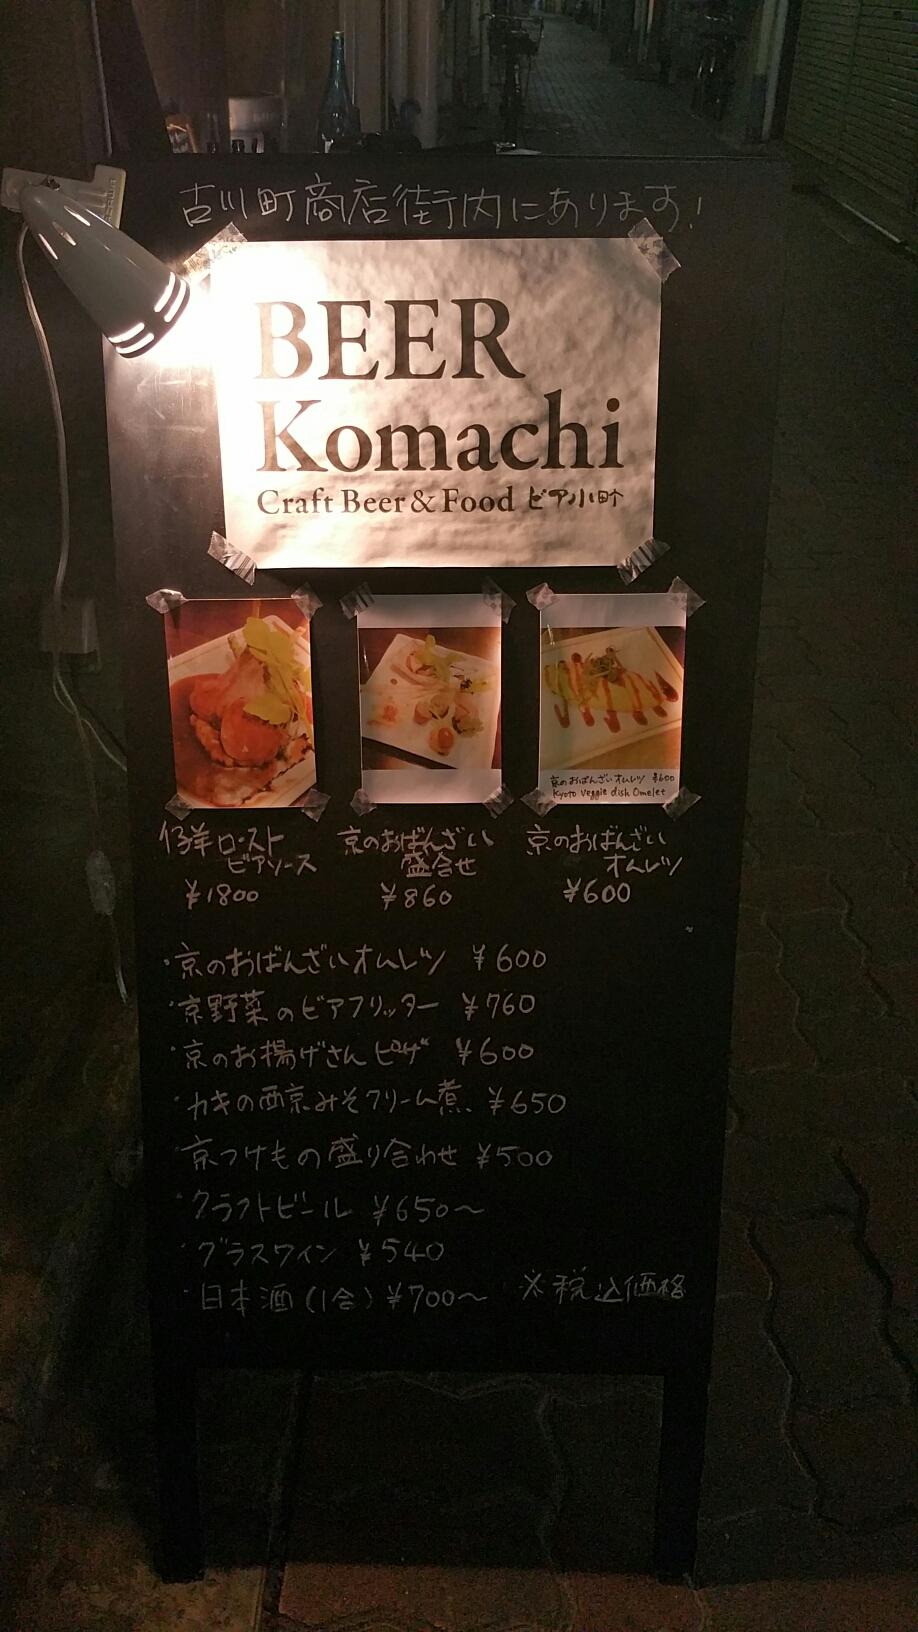 beer komachi sign